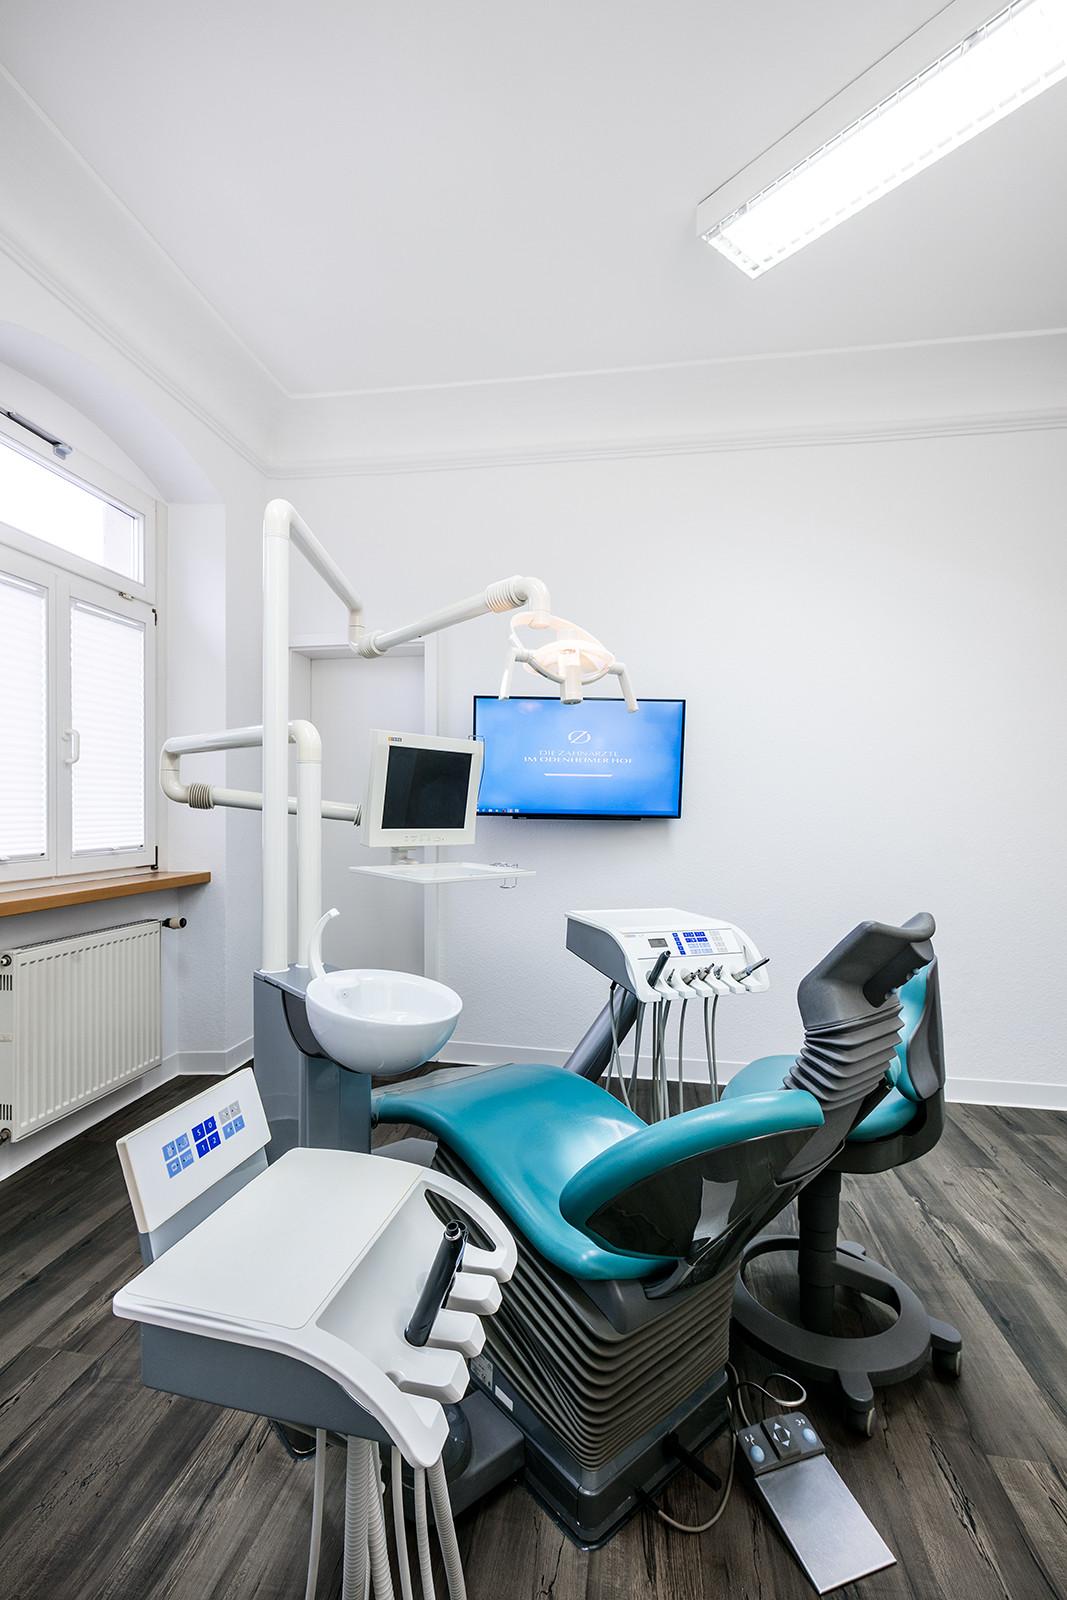 Behandlungsraum – Die Zahnärzte im Odenheimer Hof – Leingarten (Heilbronn) - Dr. Alexander Mitsch M.Sc. & Dr. Jan Felix Hartl M.Sc.